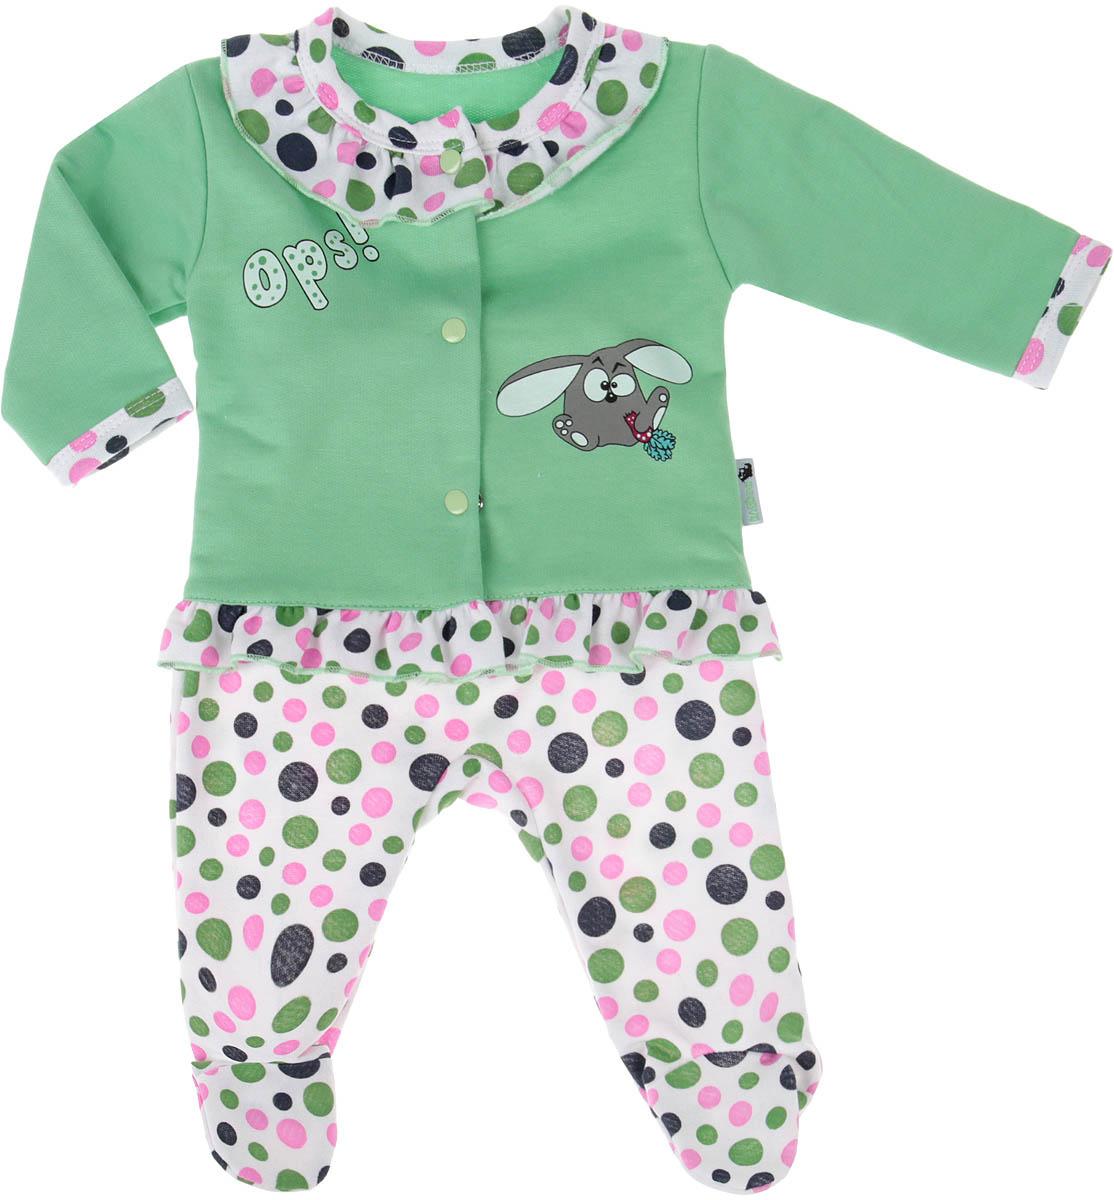 Комплект для девочки Клякса: кофточка, ползунки, цвет: зеленый, белый. 21Д-5062. Размер 6221Д-5062Детский комплект Клякса состоит из кофточки и ползунков. Комплект выполнен из натурального хлопка. Кофта с длинным рукавом застегивается на кнопки спереди. Модель украшена оборками под горловиной и по низу, а также декорирована принтом с изображением забавного кролика. Ползунки с закрытыми ножками имеют эластичную резинку на поясе. Изделие оформлено ярким принтом.